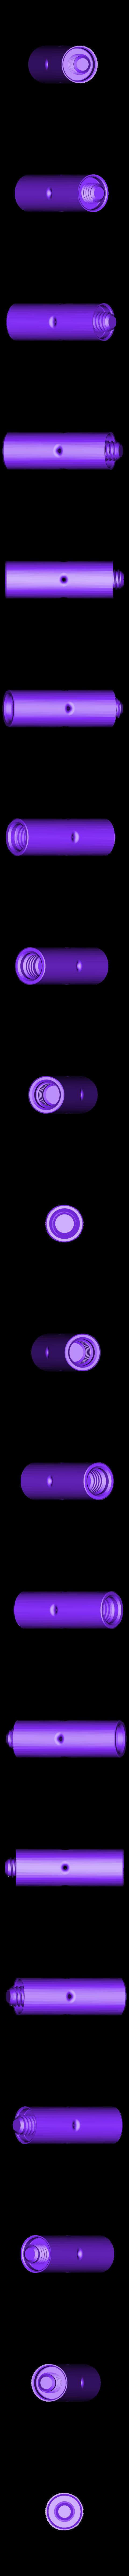 80mmSmallRod.STL Télécharger fichier STL gratuit Le porte-bobine universel - Page principale • Design pour imprimante 3D, Balkhagal4D